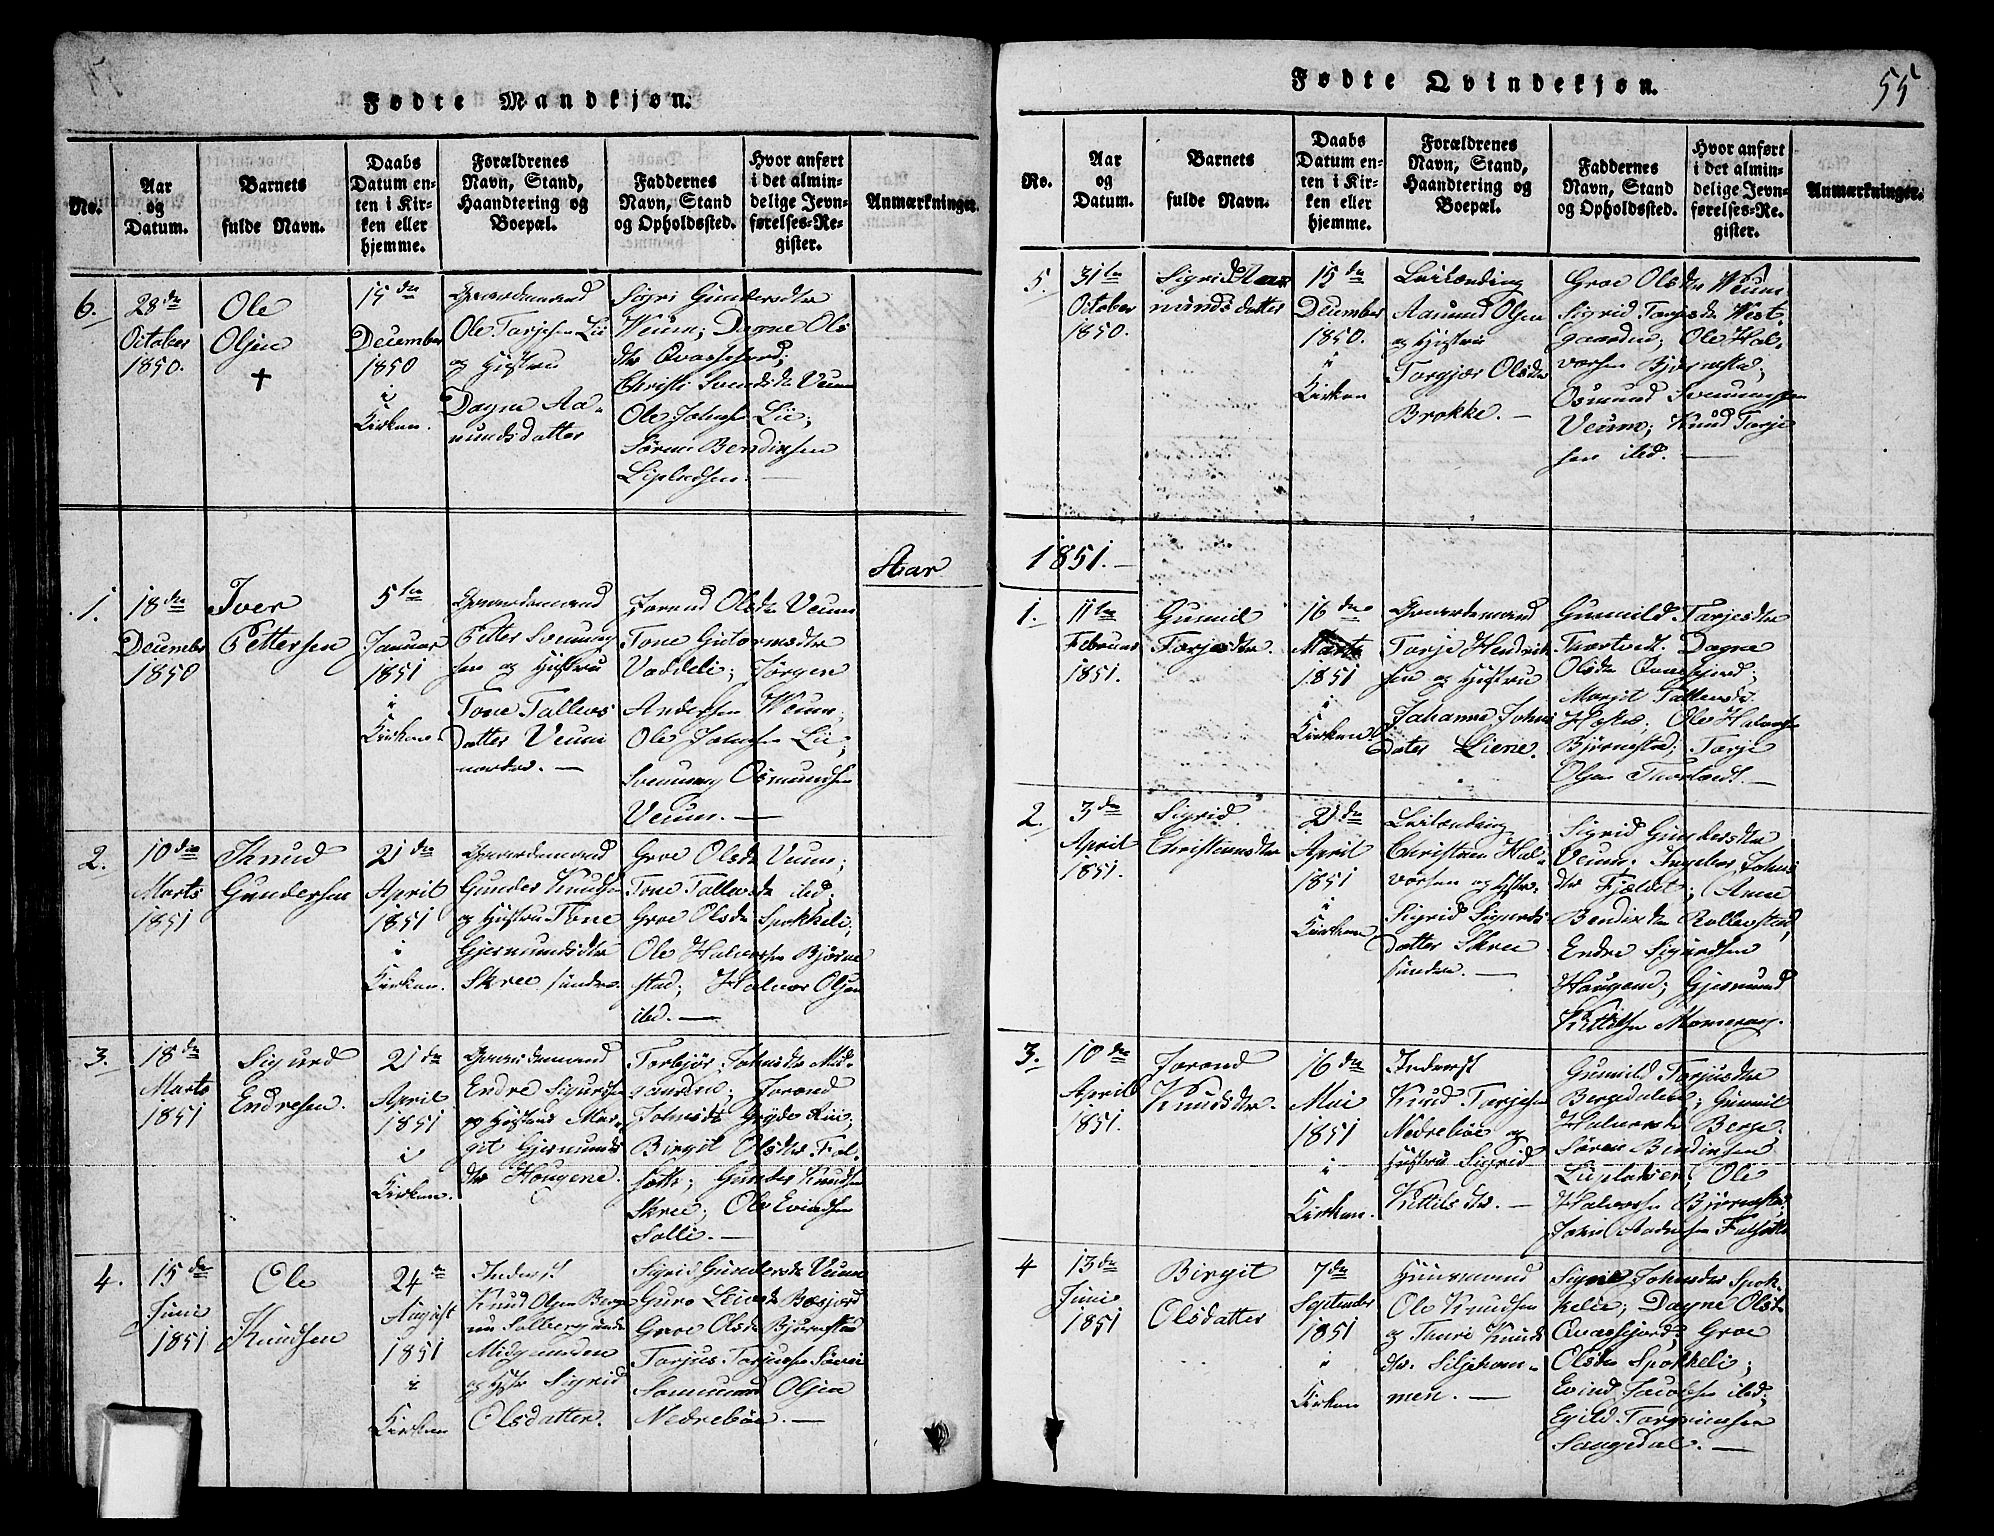 SAKO, Fyresdal kirkebøker, G/Ga/L0003: Klokkerbok nr. I 3, 1815-1863, s. 55